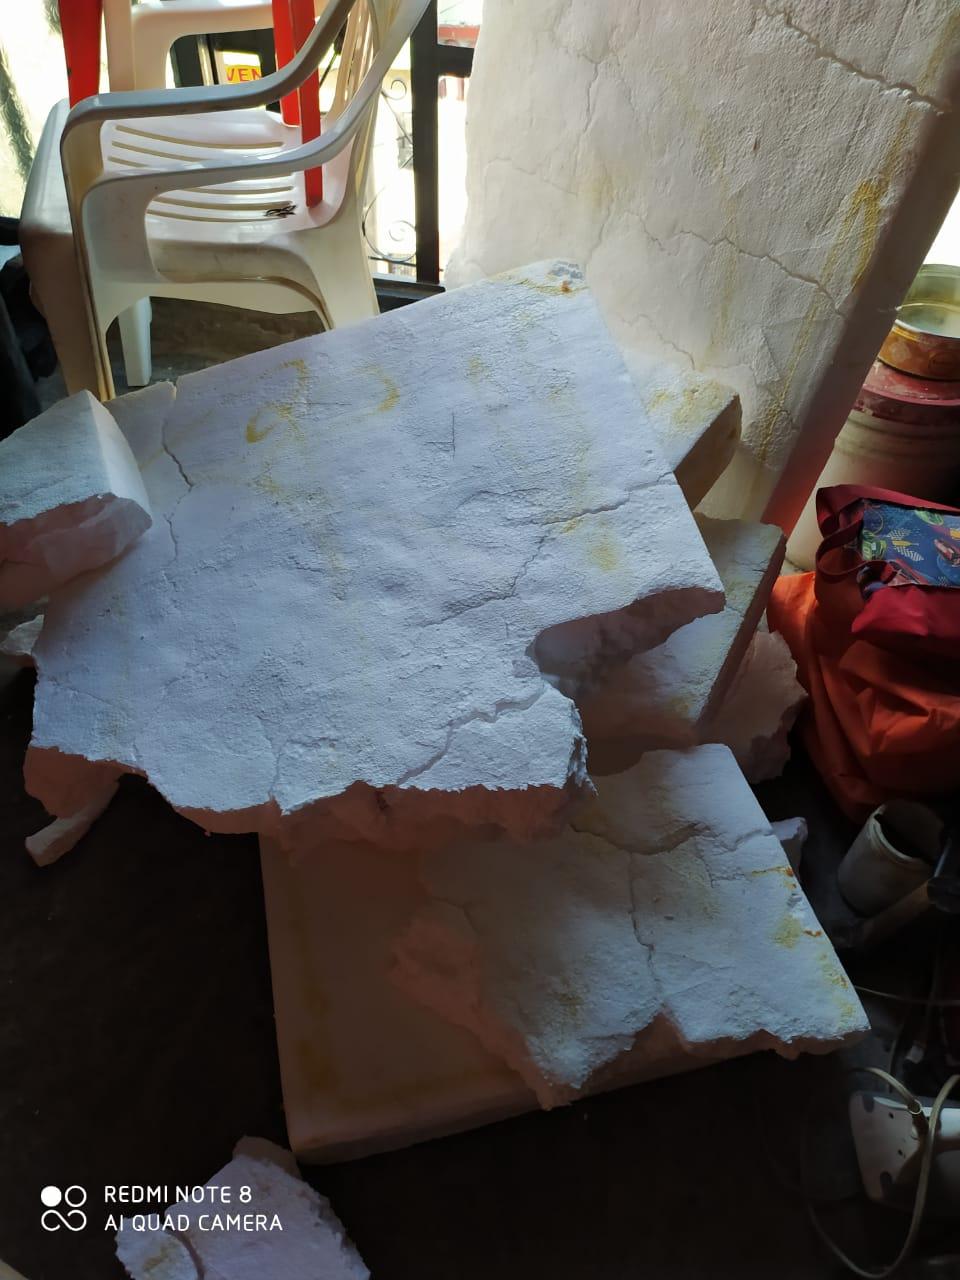 Le vendieron colchón lleno de icopor por colchón ortopédico 8